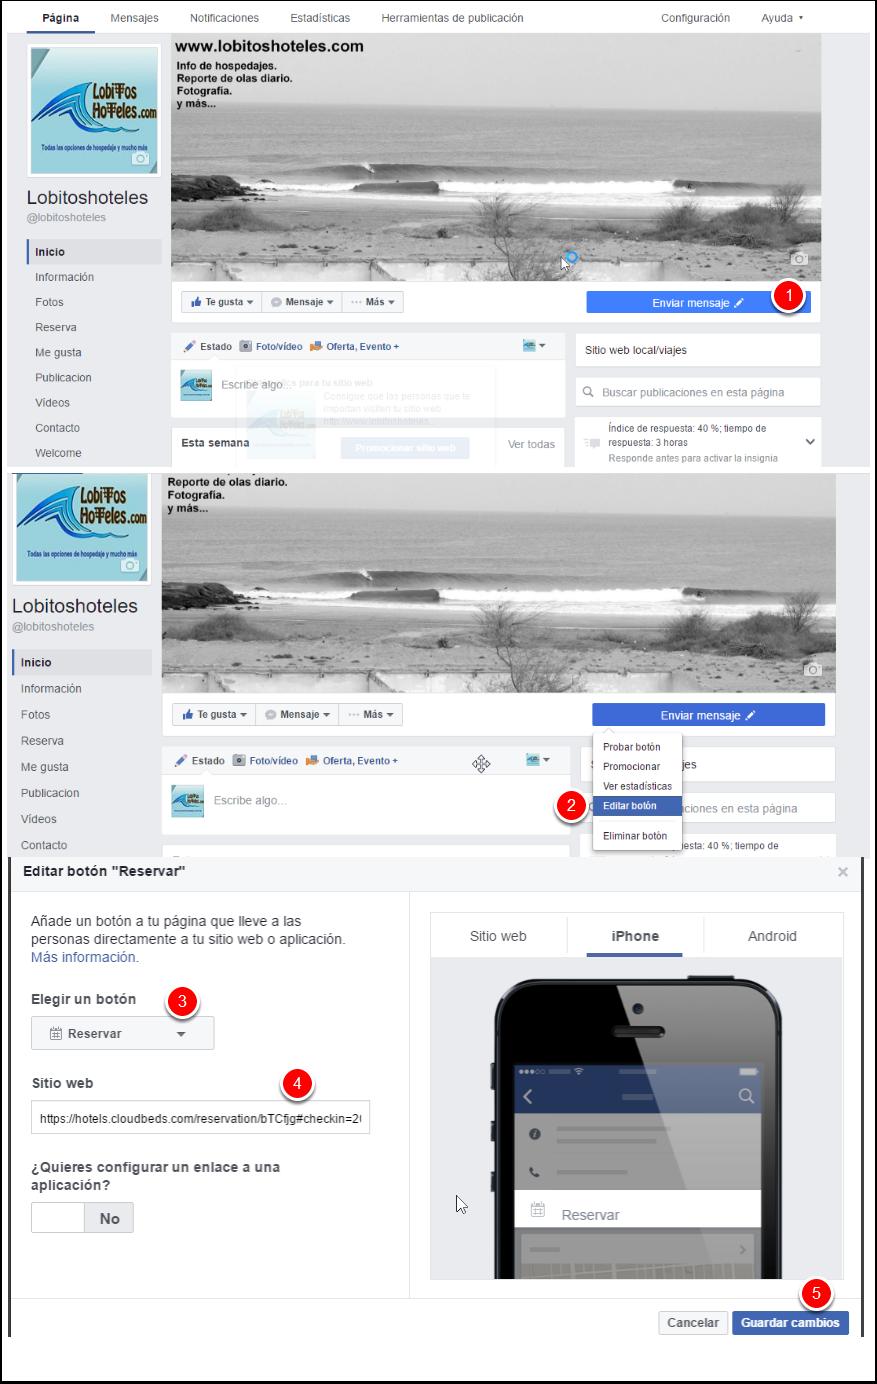 Accede a tu fan page en Facebook